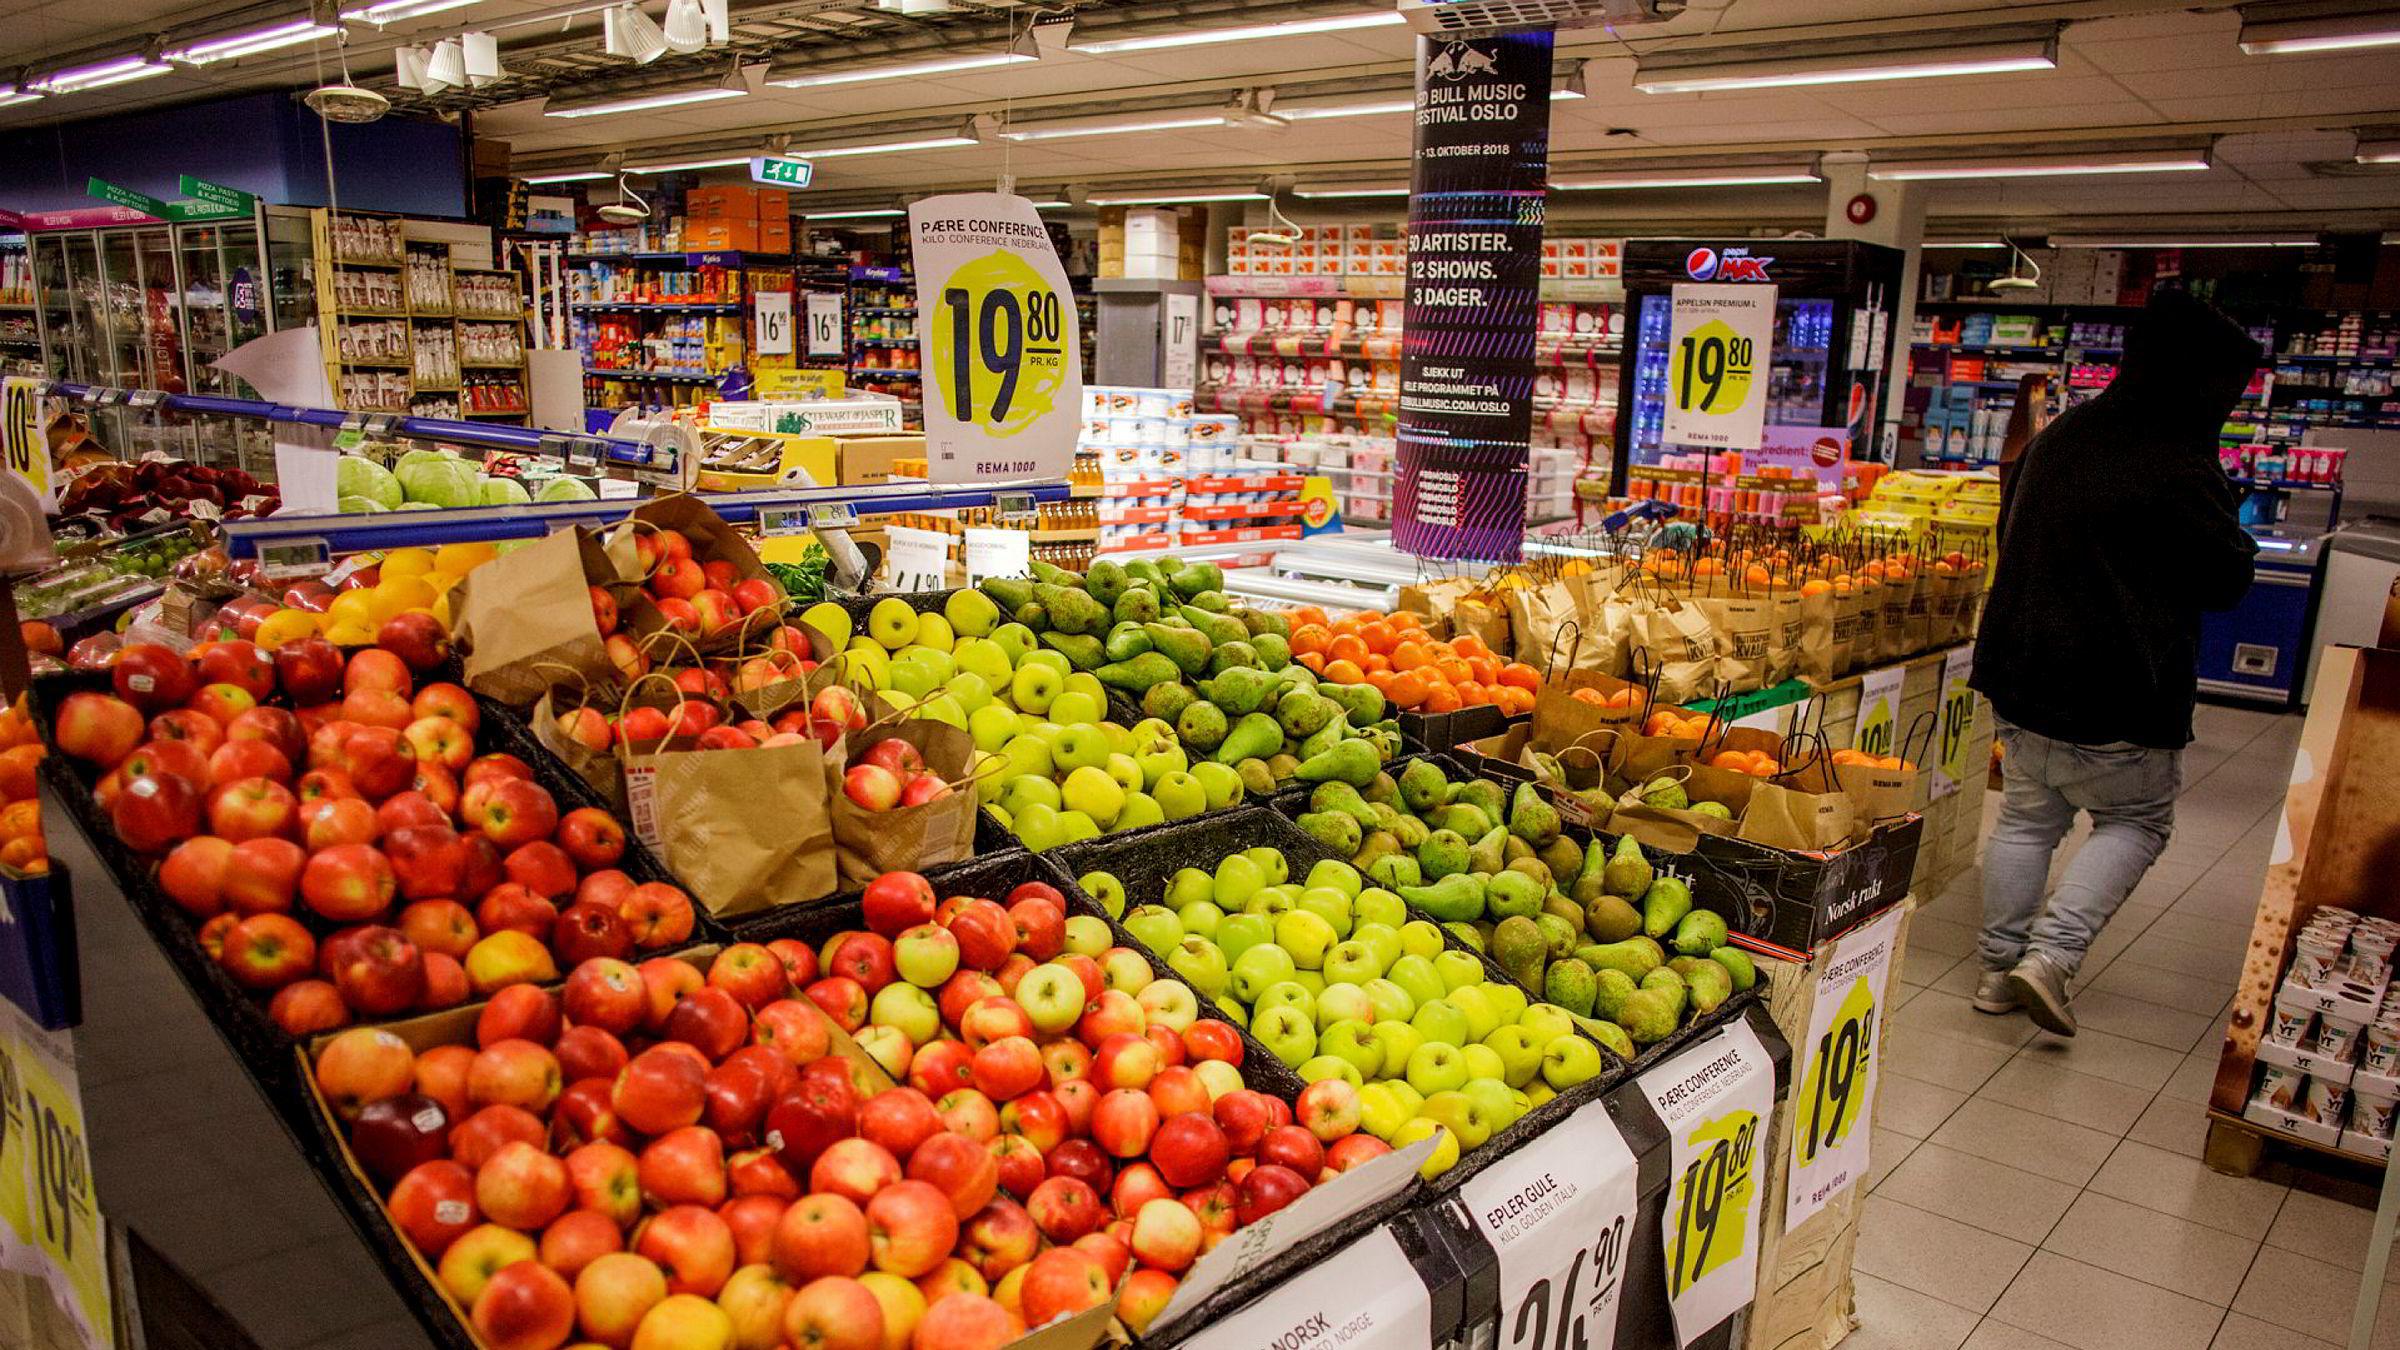 Det blir vanskelig å trekke andre konklusjoner enn at man ikke bør innføre en regulering, skriver Erling Hjemeng om NHH-professorenes modell for konkurranse i dagligvaremarkedet.